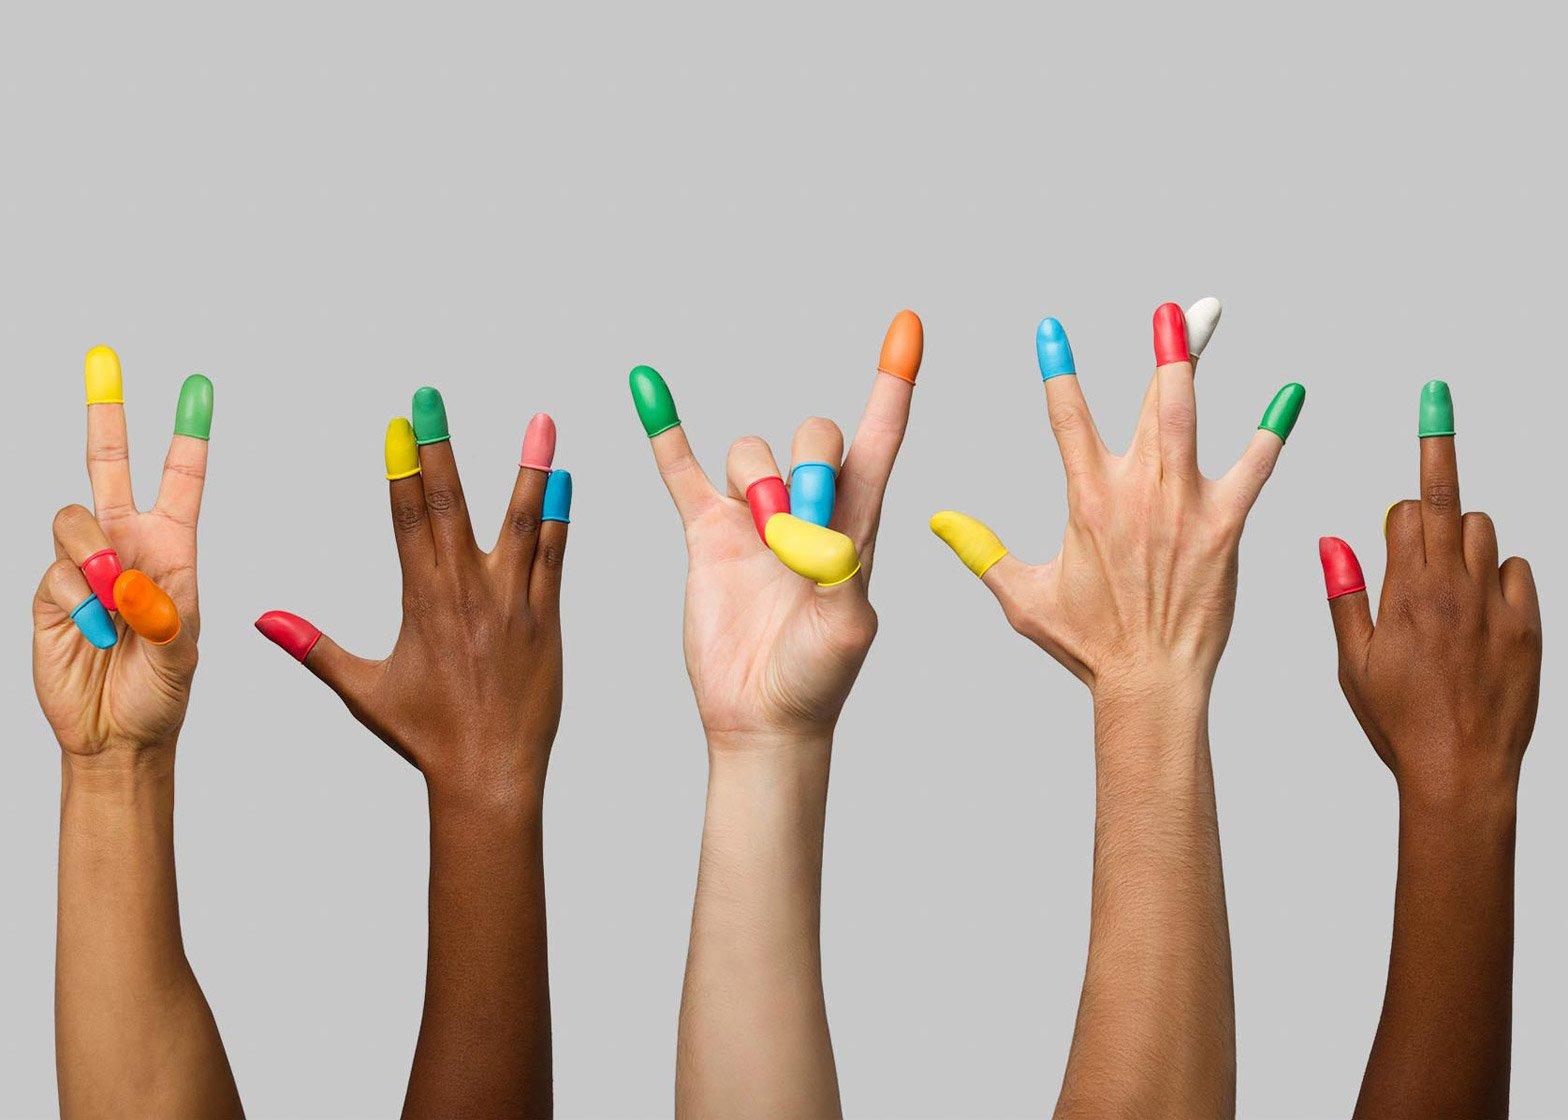 Kondomla Yapabileceğiz 6 Yenilikçi Fikir!